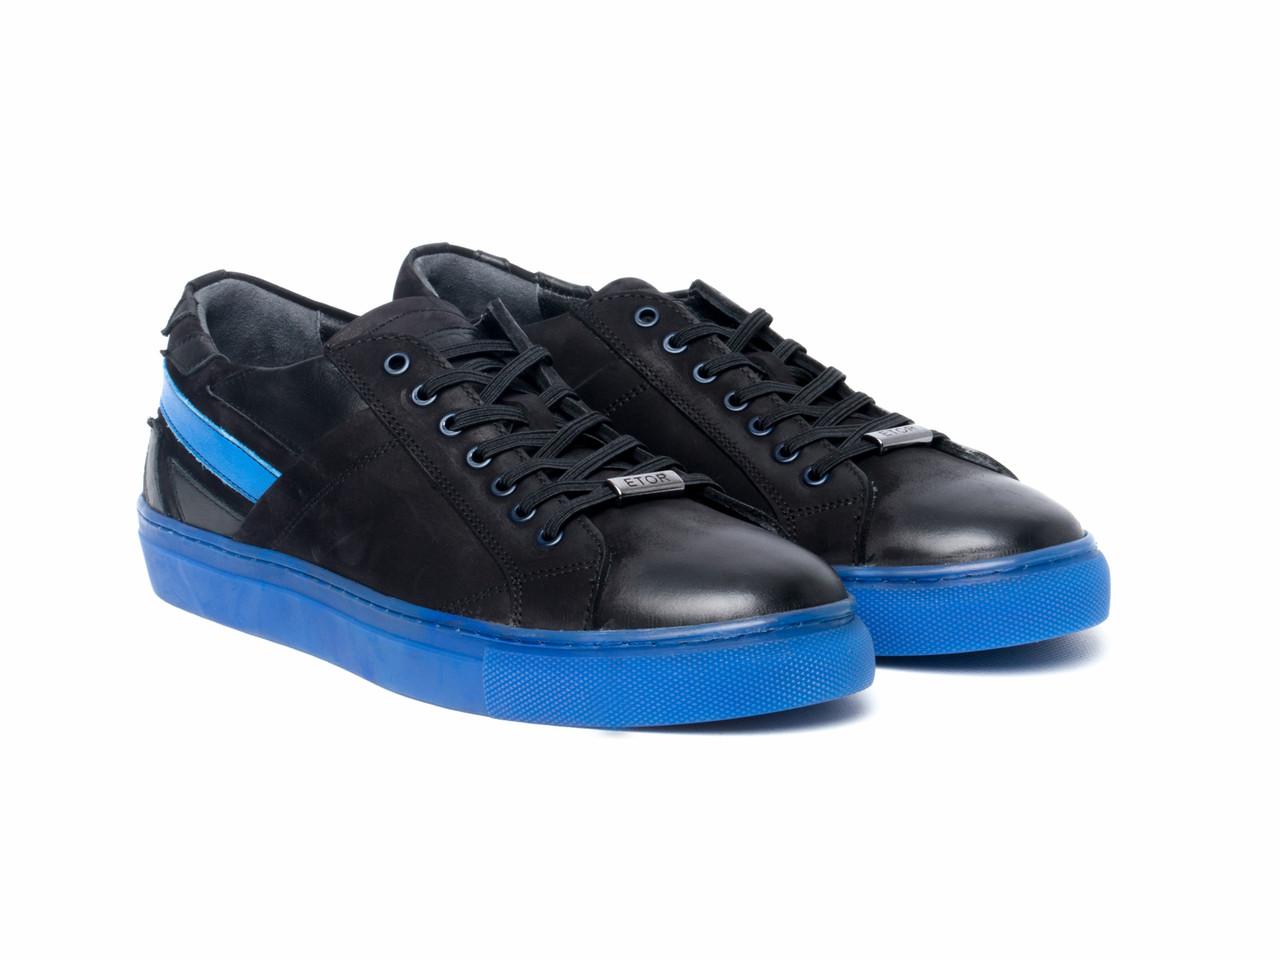 Кеды Etor 8536-6551-013 43 черно-синие